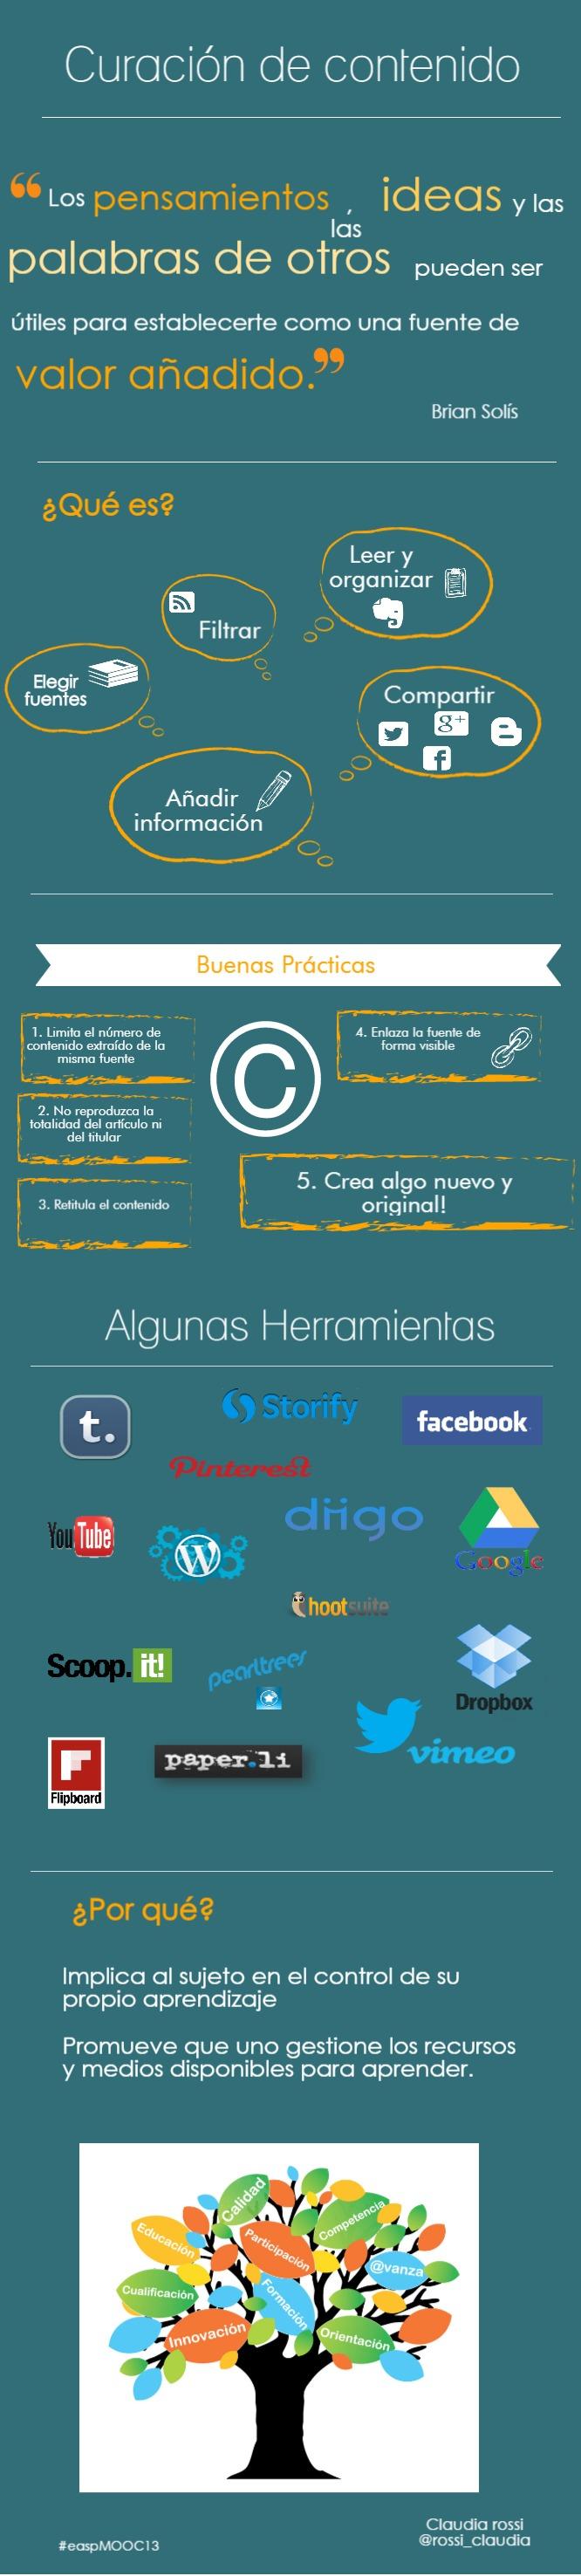 Curación de contenido MOOC13 (2)